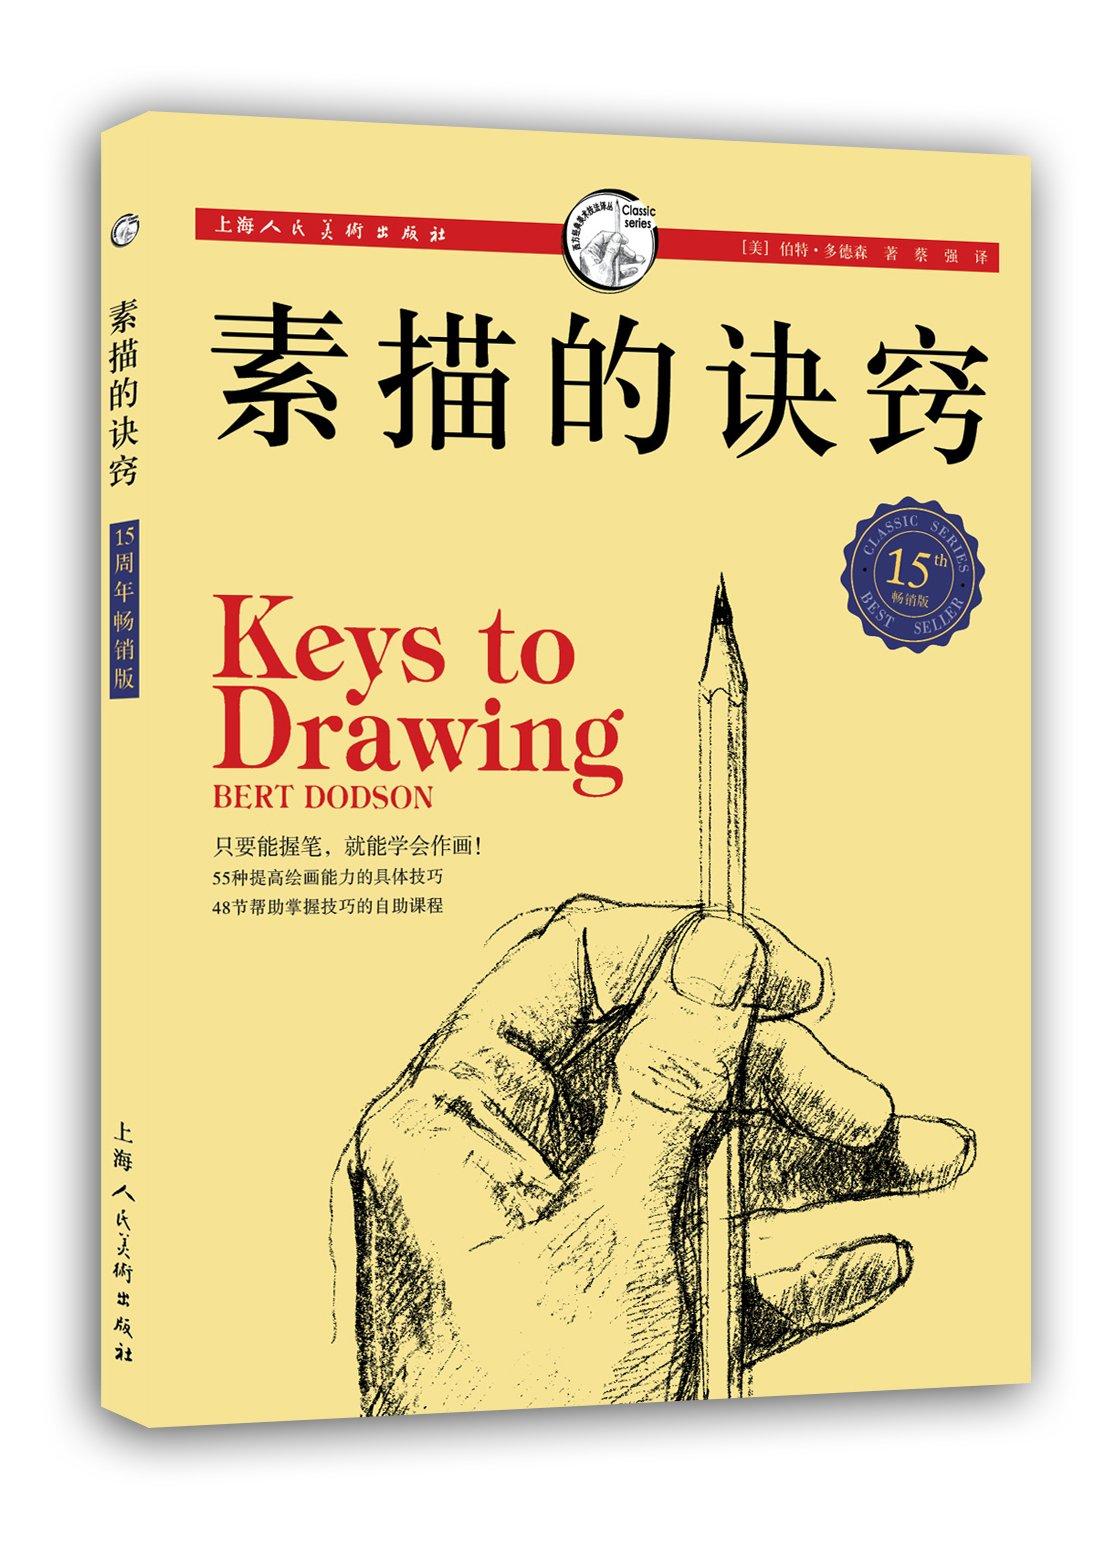 西方经典美术技法译丛:素描的诀窍(15周年畅销版) - Malaysia Online Bookstore